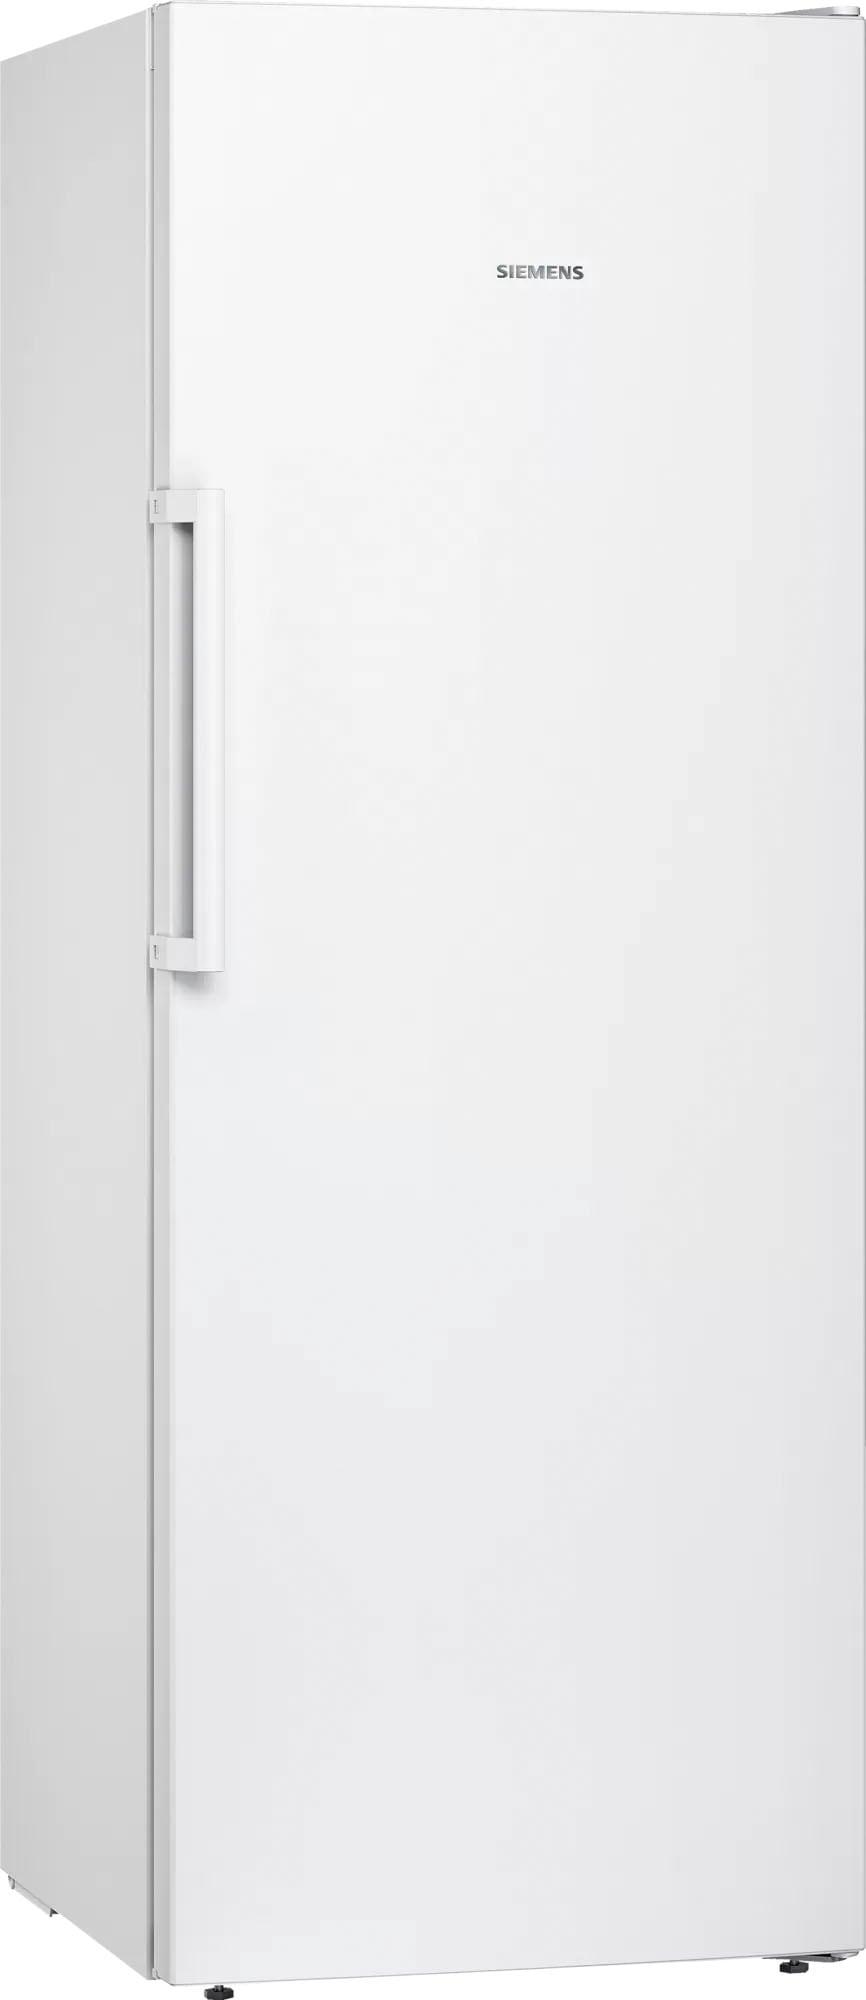 SIEMENS Gefrierschrank GS29NVWEP, iQ300, 161 cm hoch, 60 cm breit